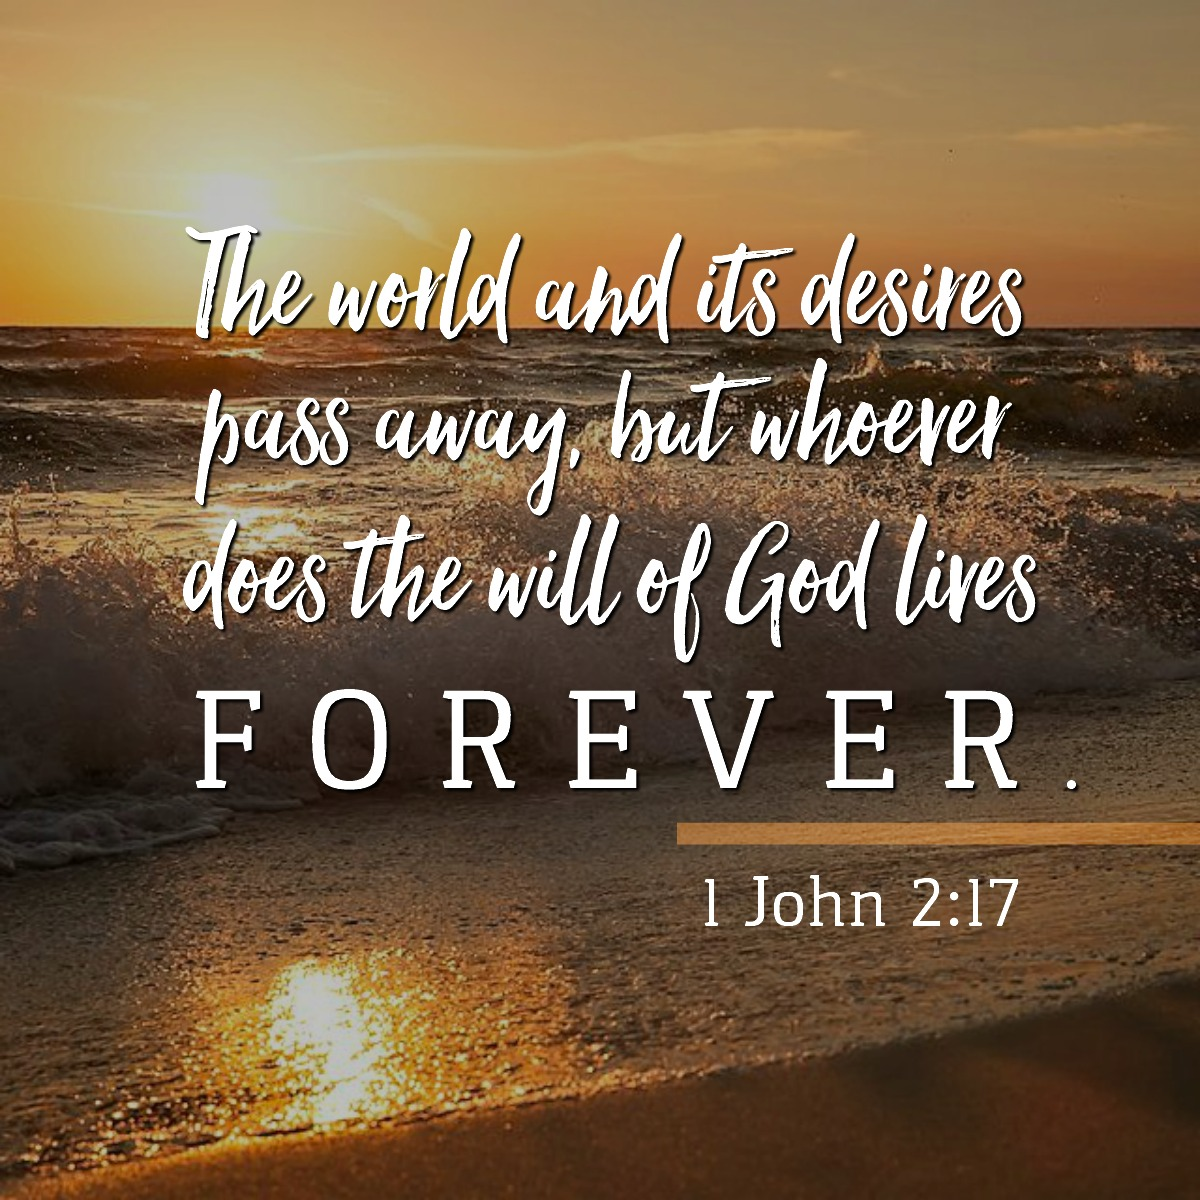 1 John 2:17 | KCIS 630